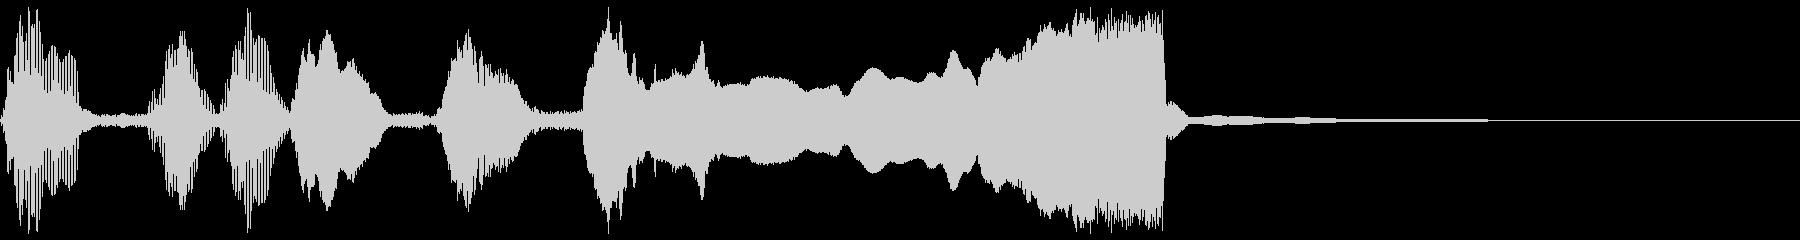 シンプルなファンファーレ1の未再生の波形